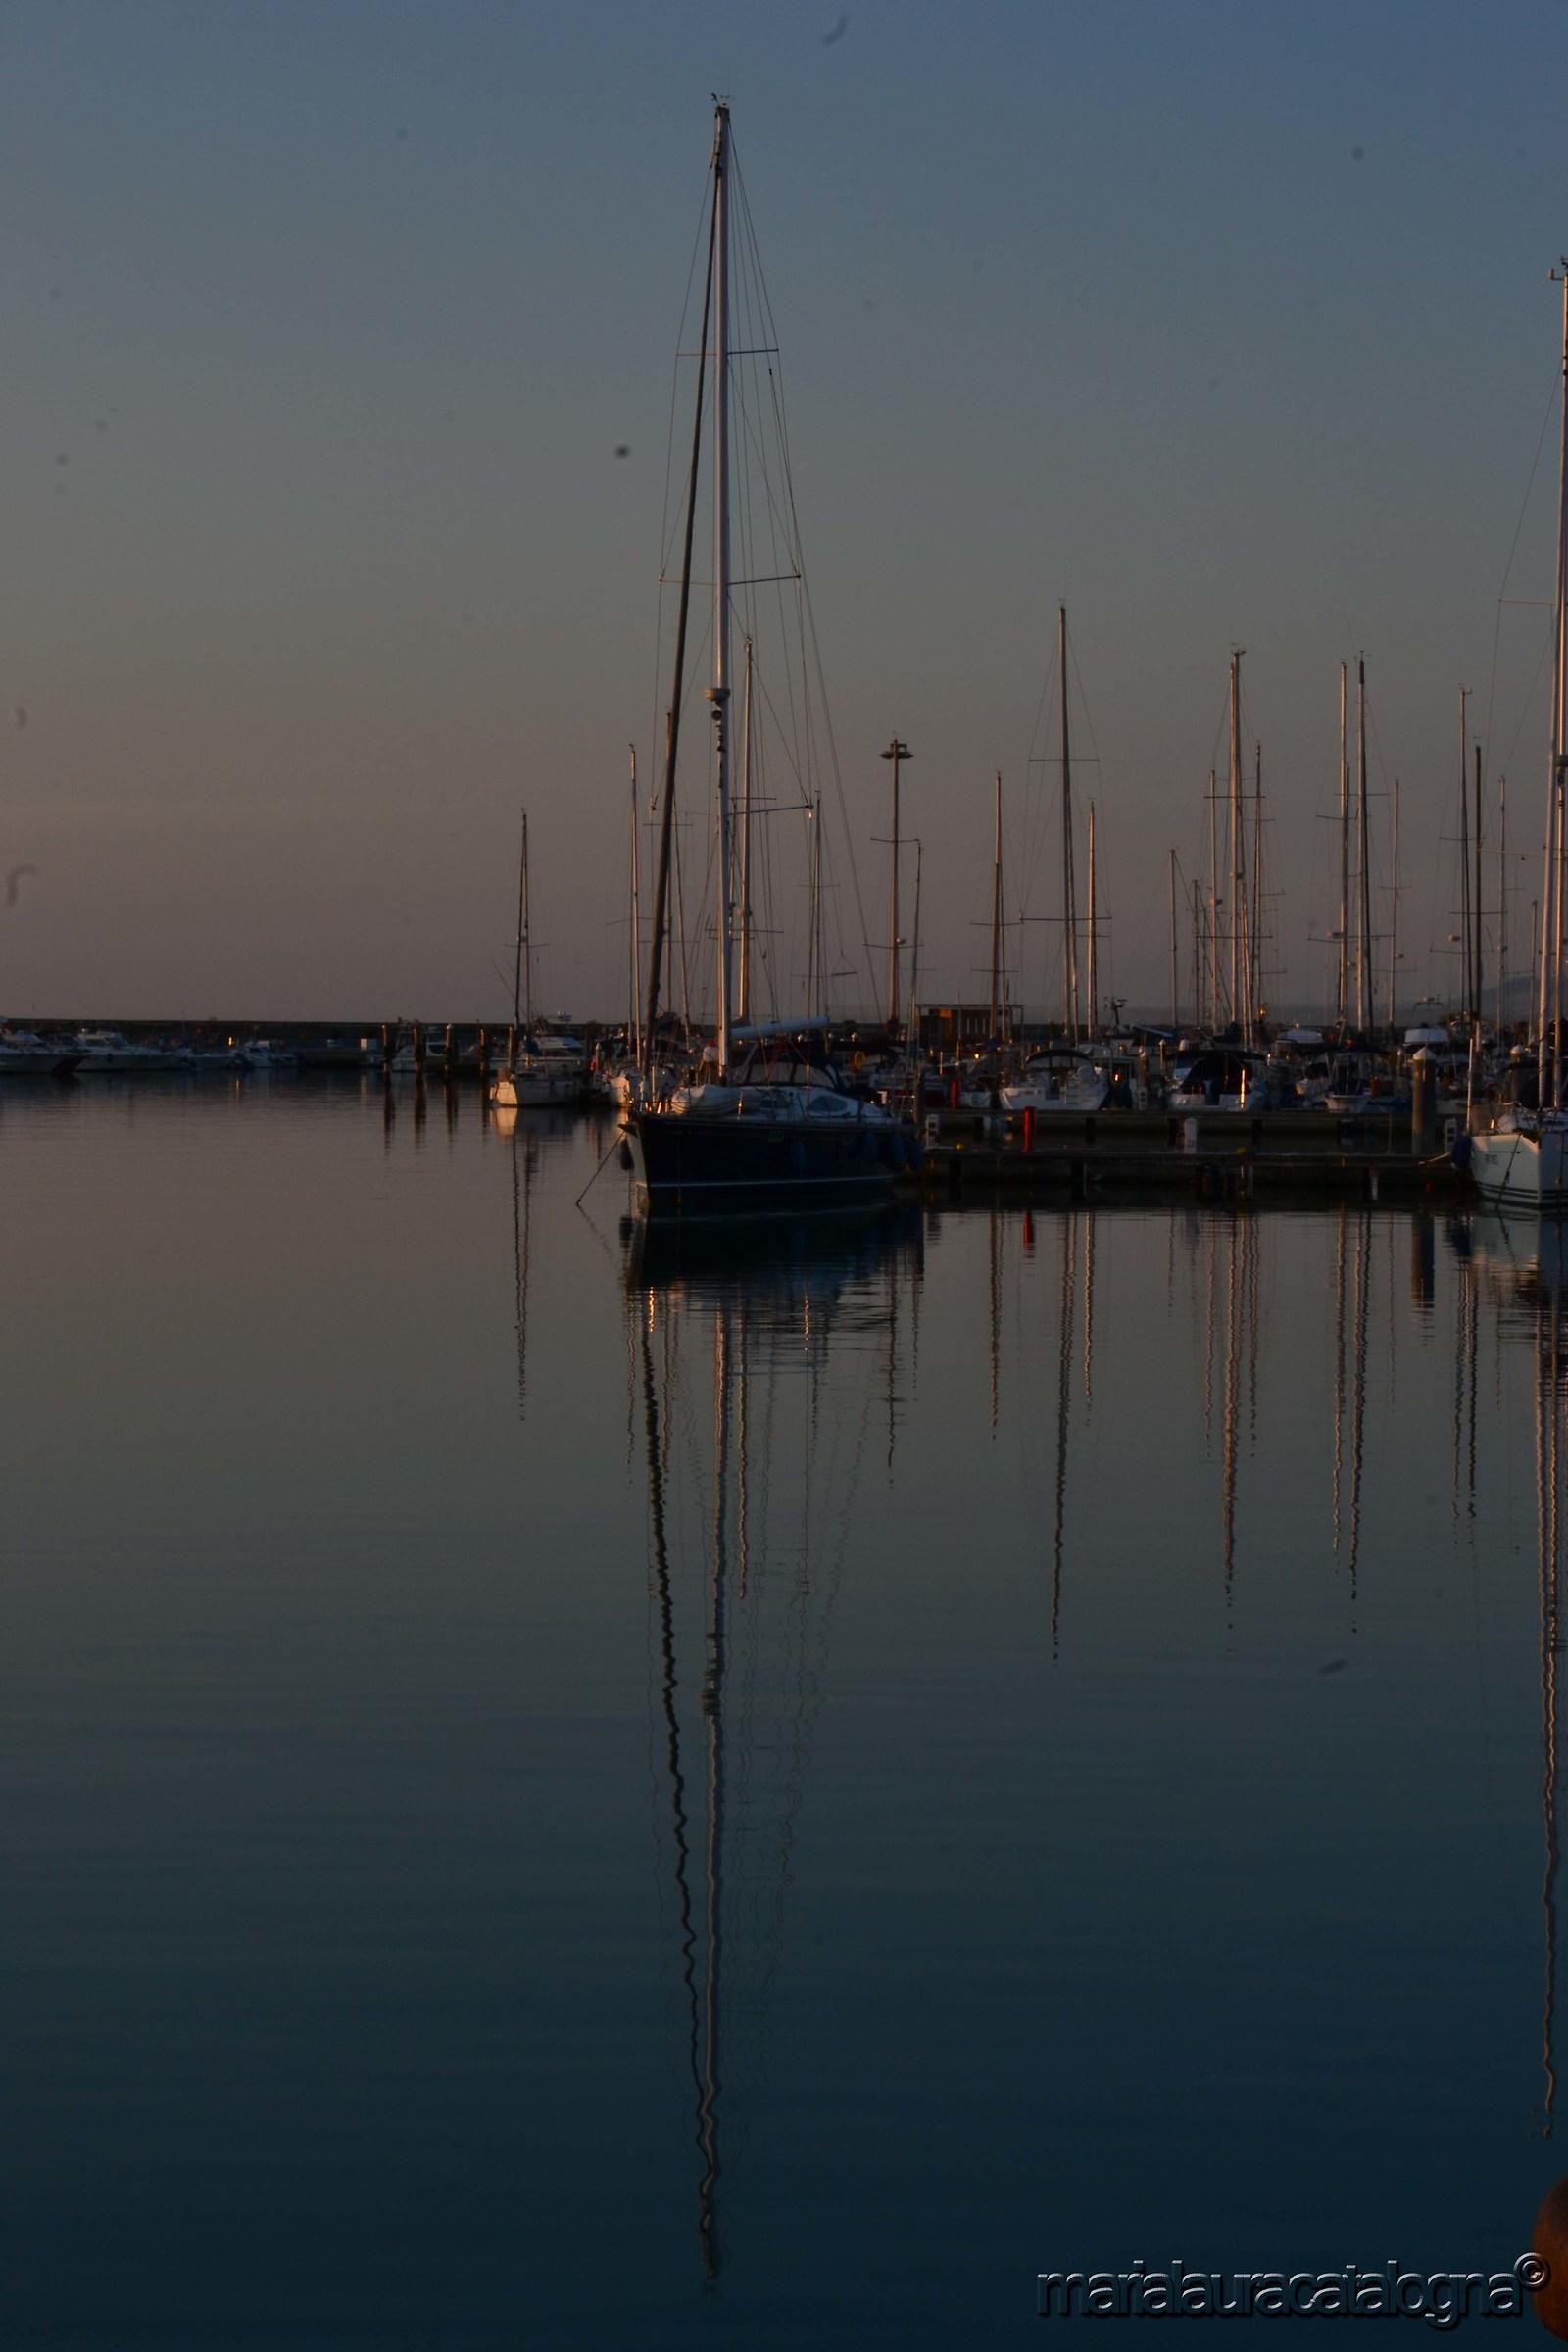 Reflections at dawn...